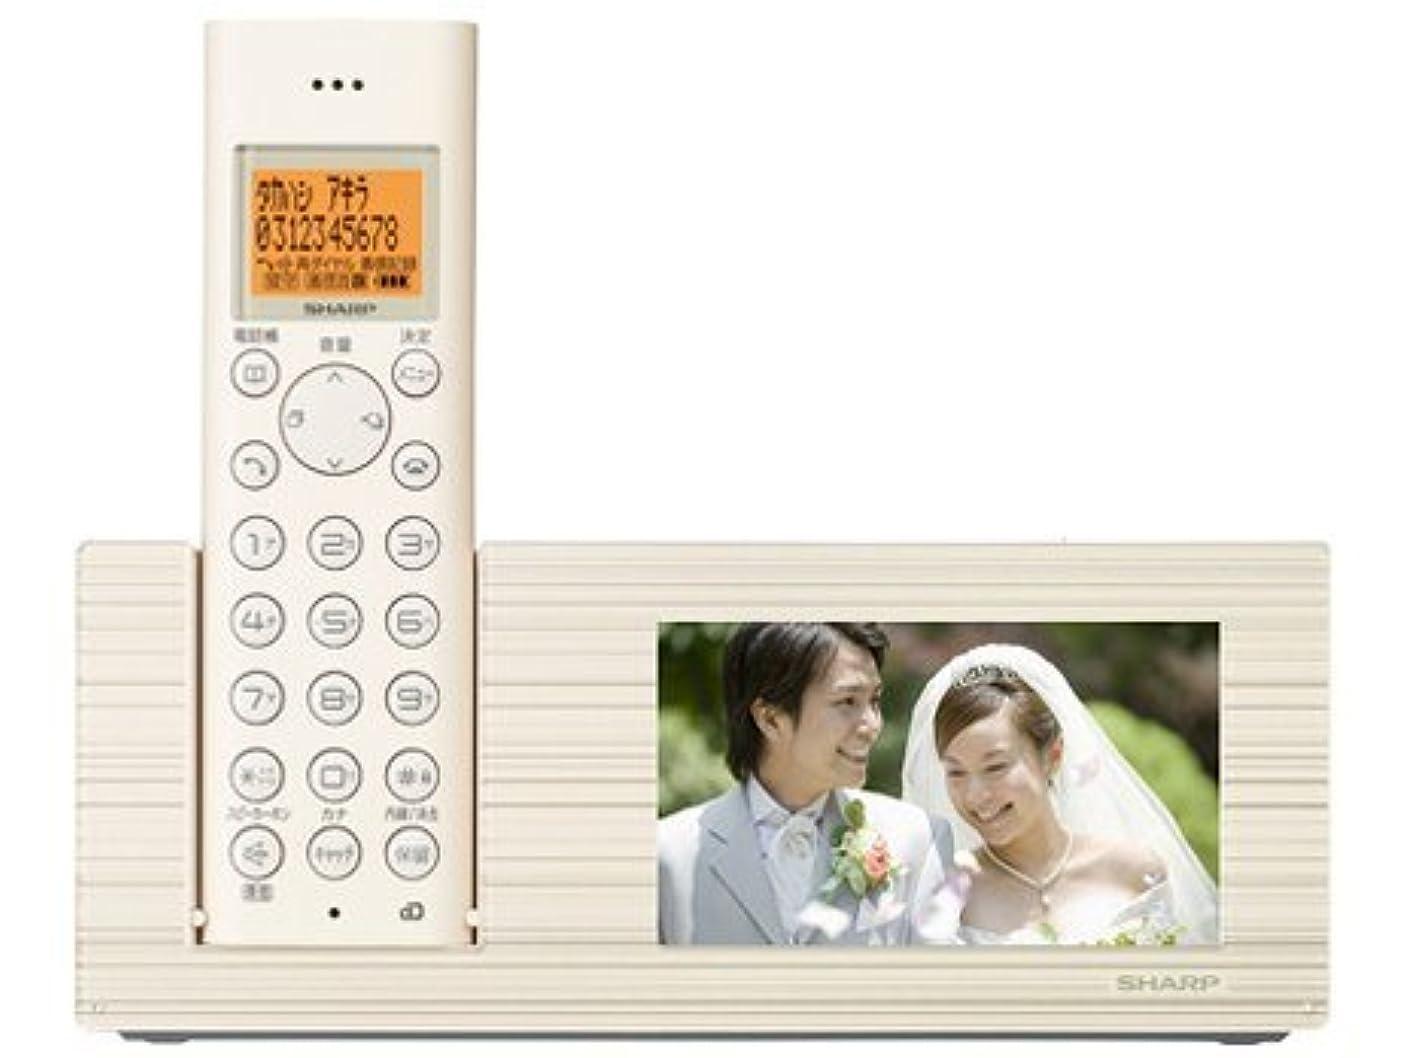 どうしたの慣らす潮シャープ デジタルコードレス電話機 親機のみ ゴールド系 JD-4C1CL-N